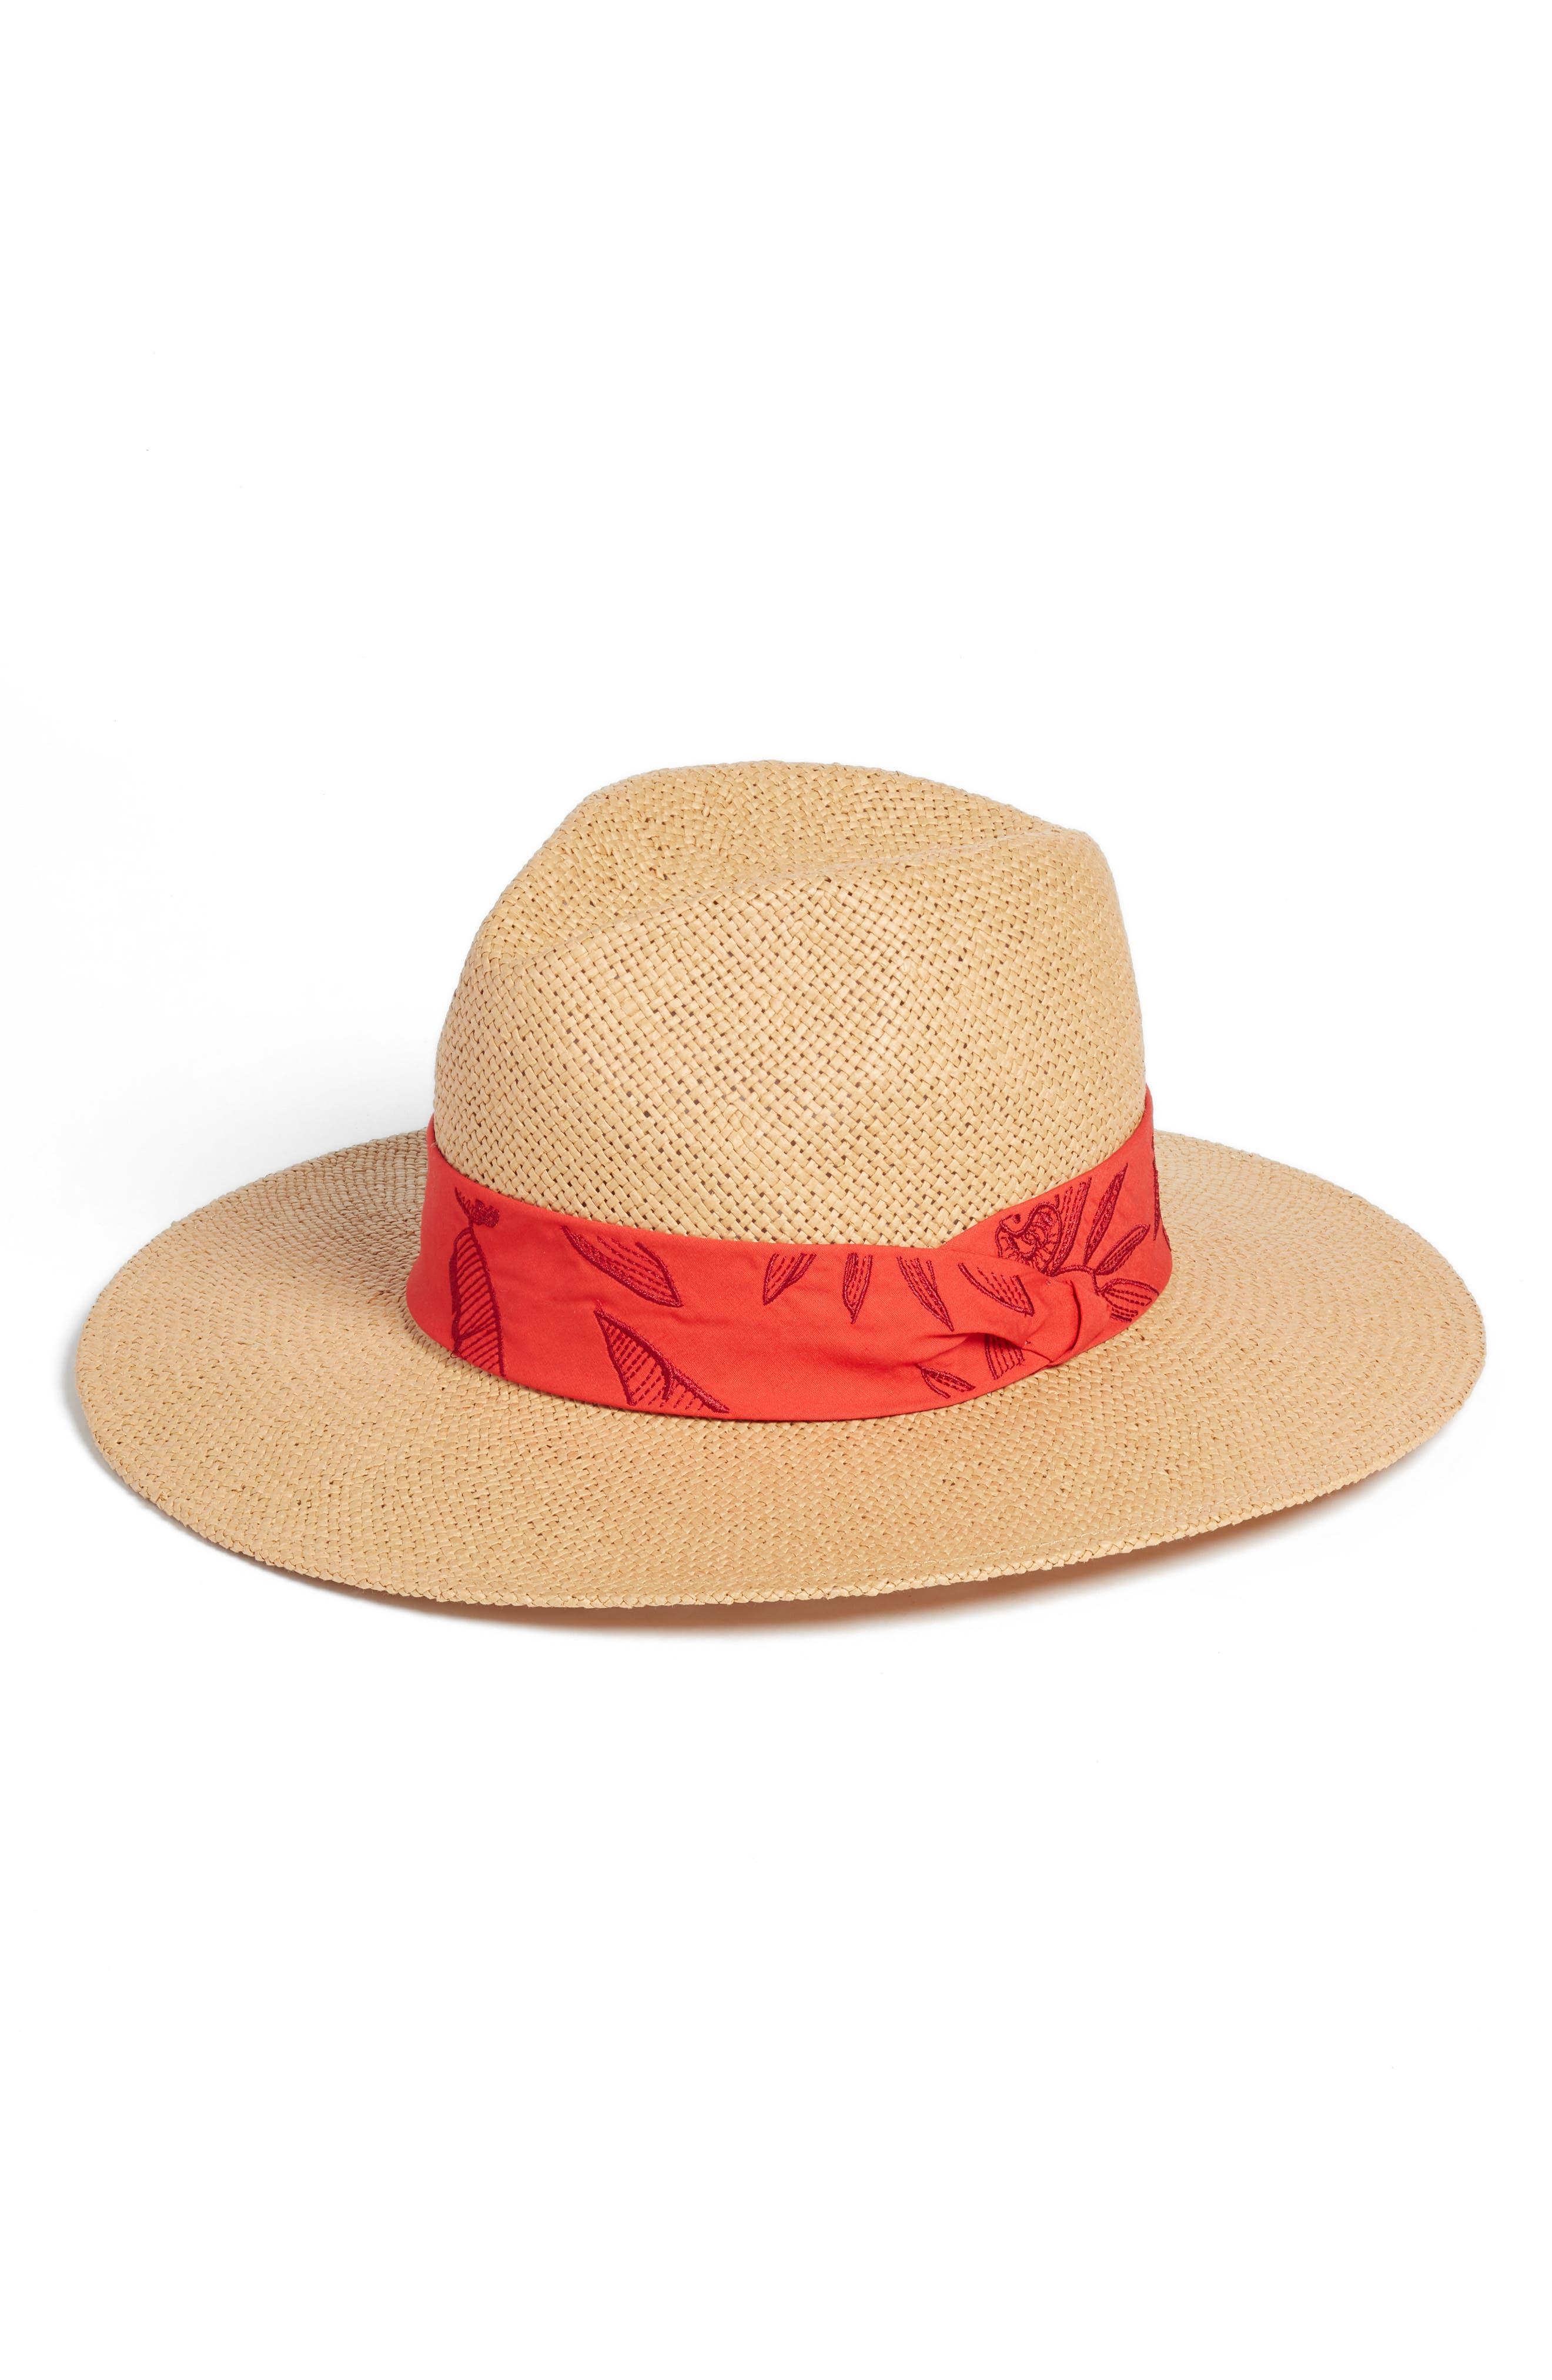 Modern Pop Straw Panama Hat,                             Main thumbnail 1, color,                             NATURAL COMBO